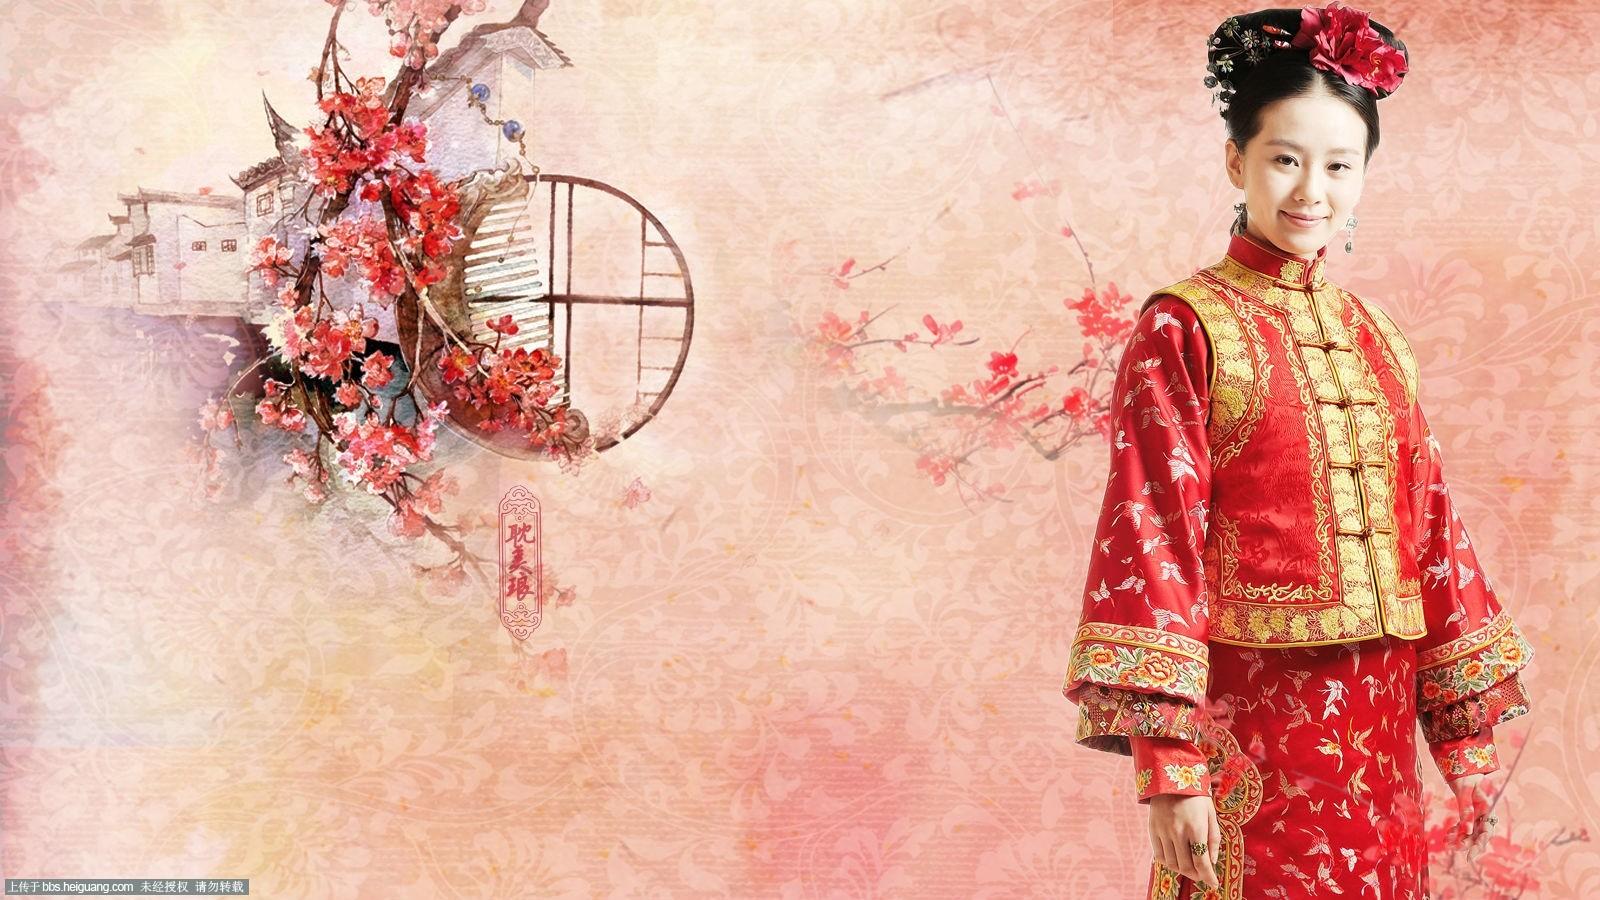 刘诗诗高清图片 古装图片模板下载